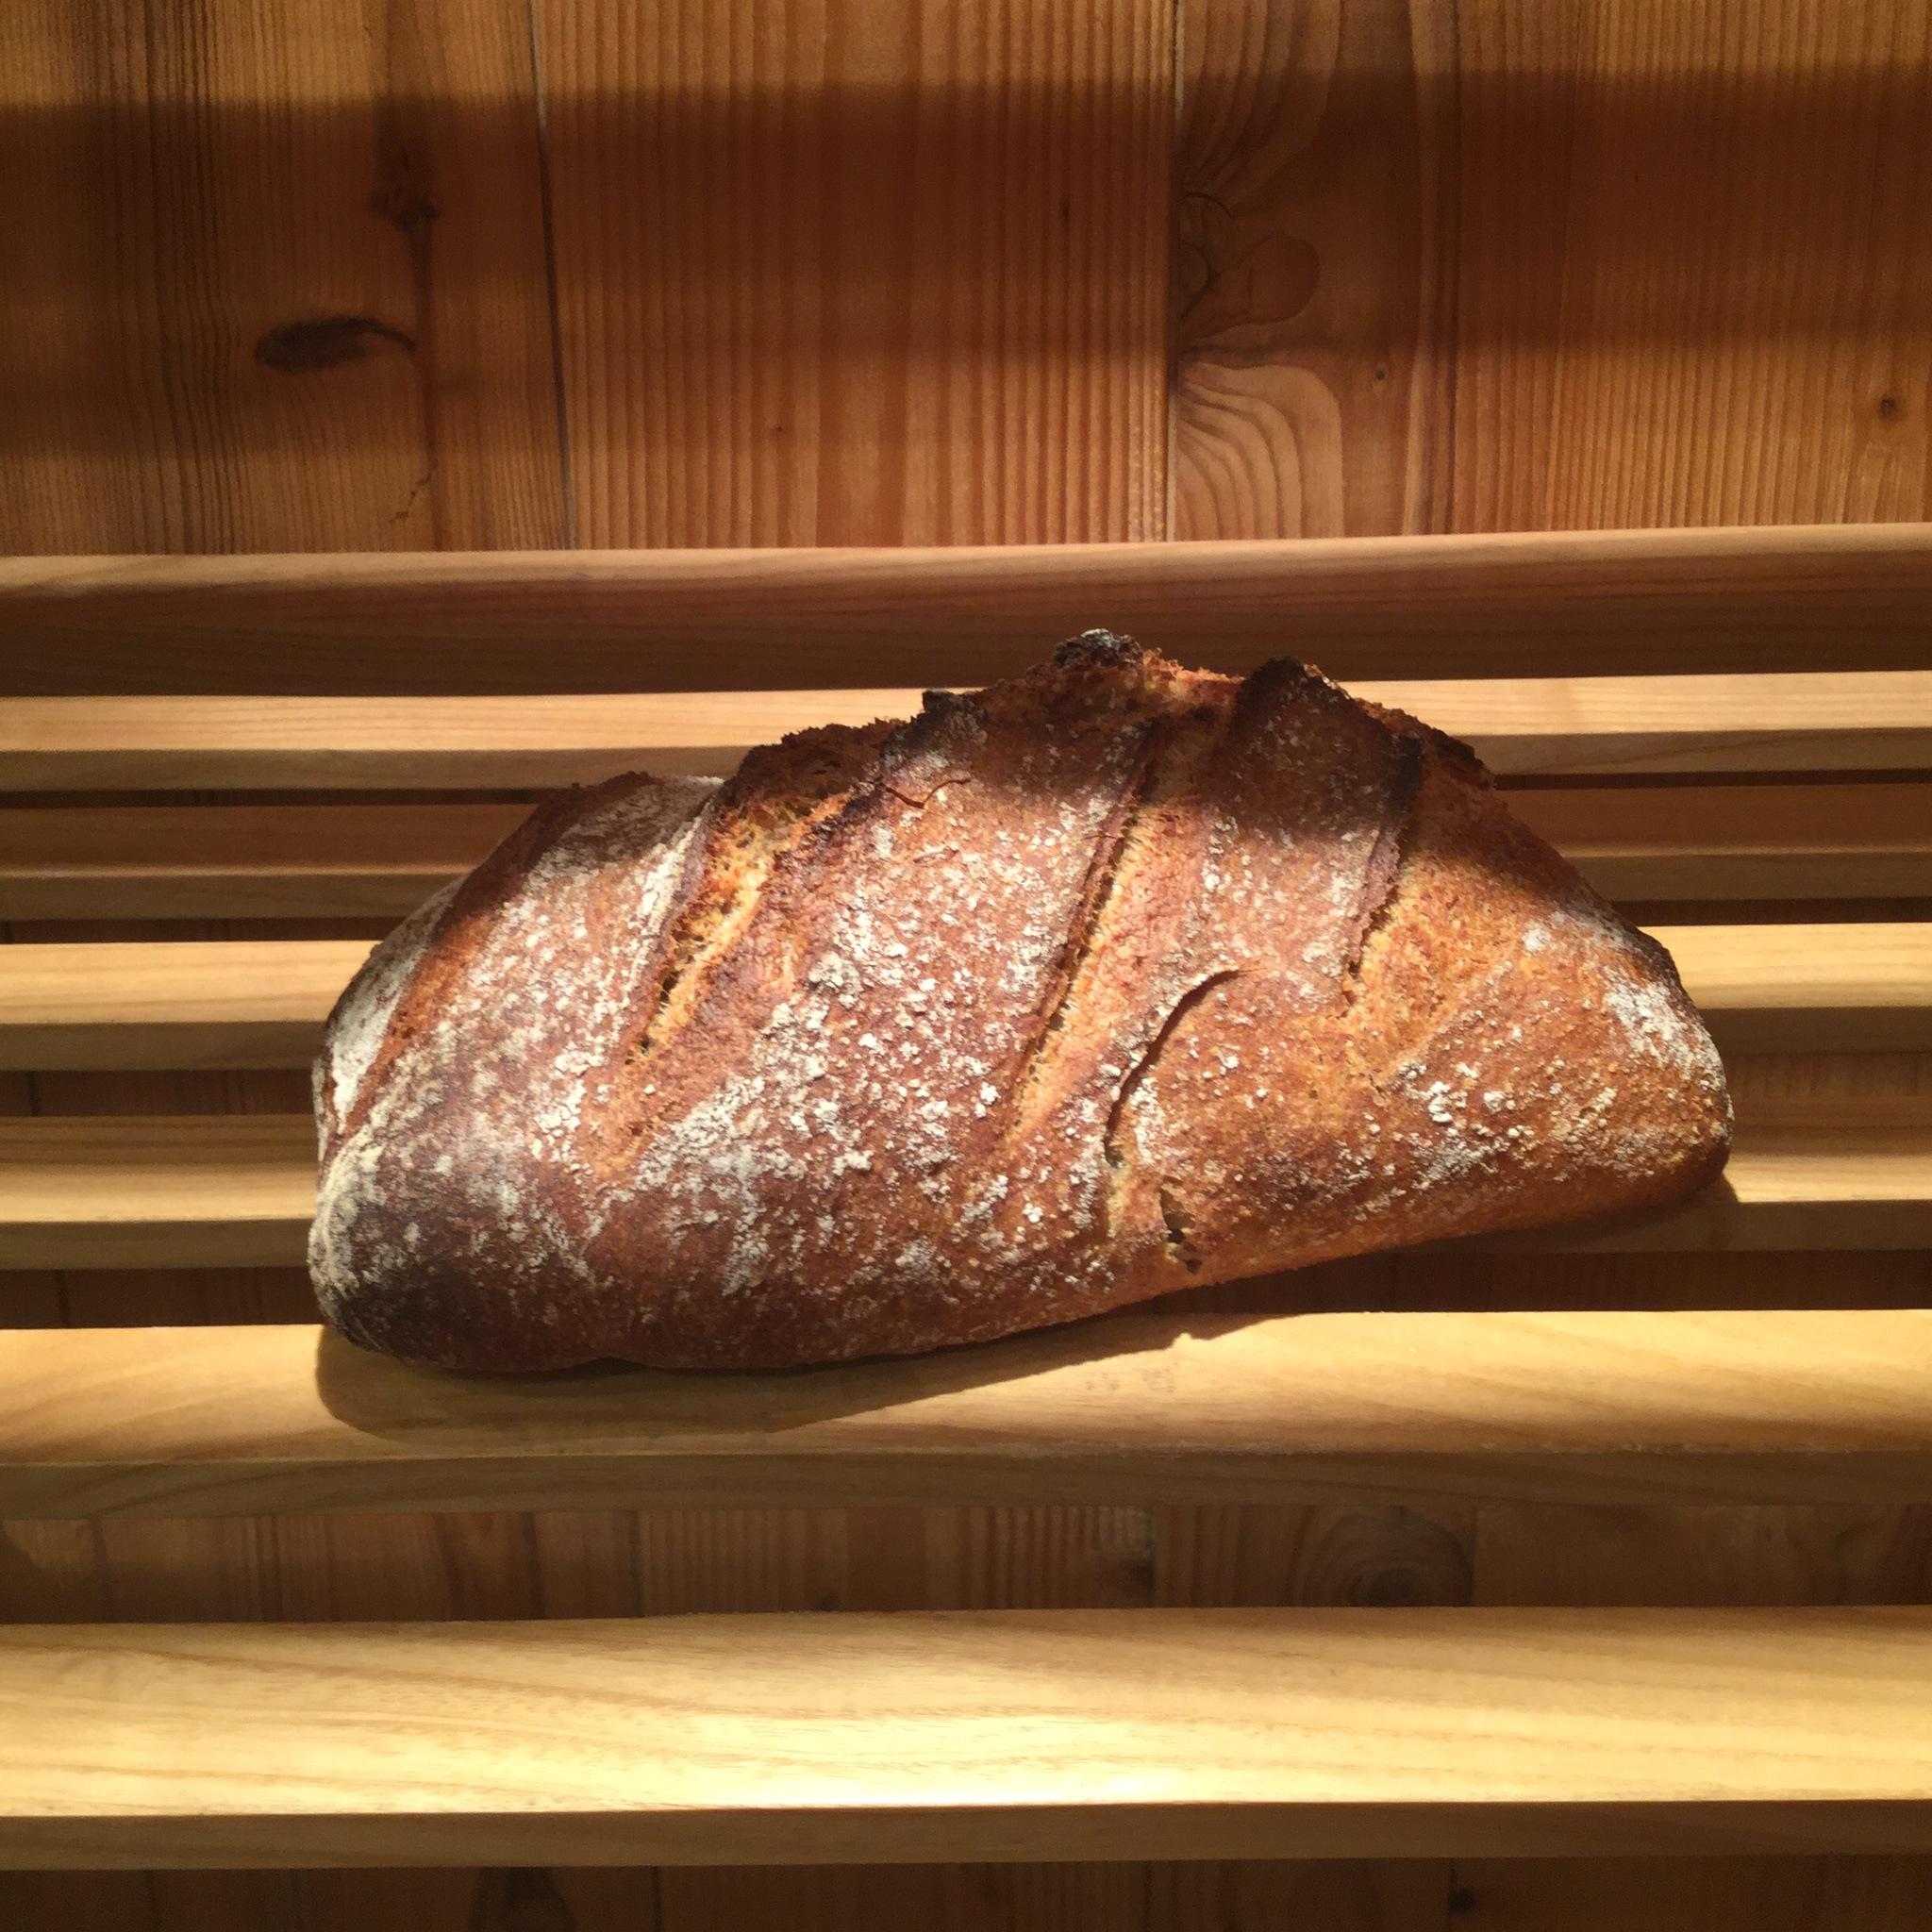 Cimplet bio boulangerie patisserie meribel maison braissand